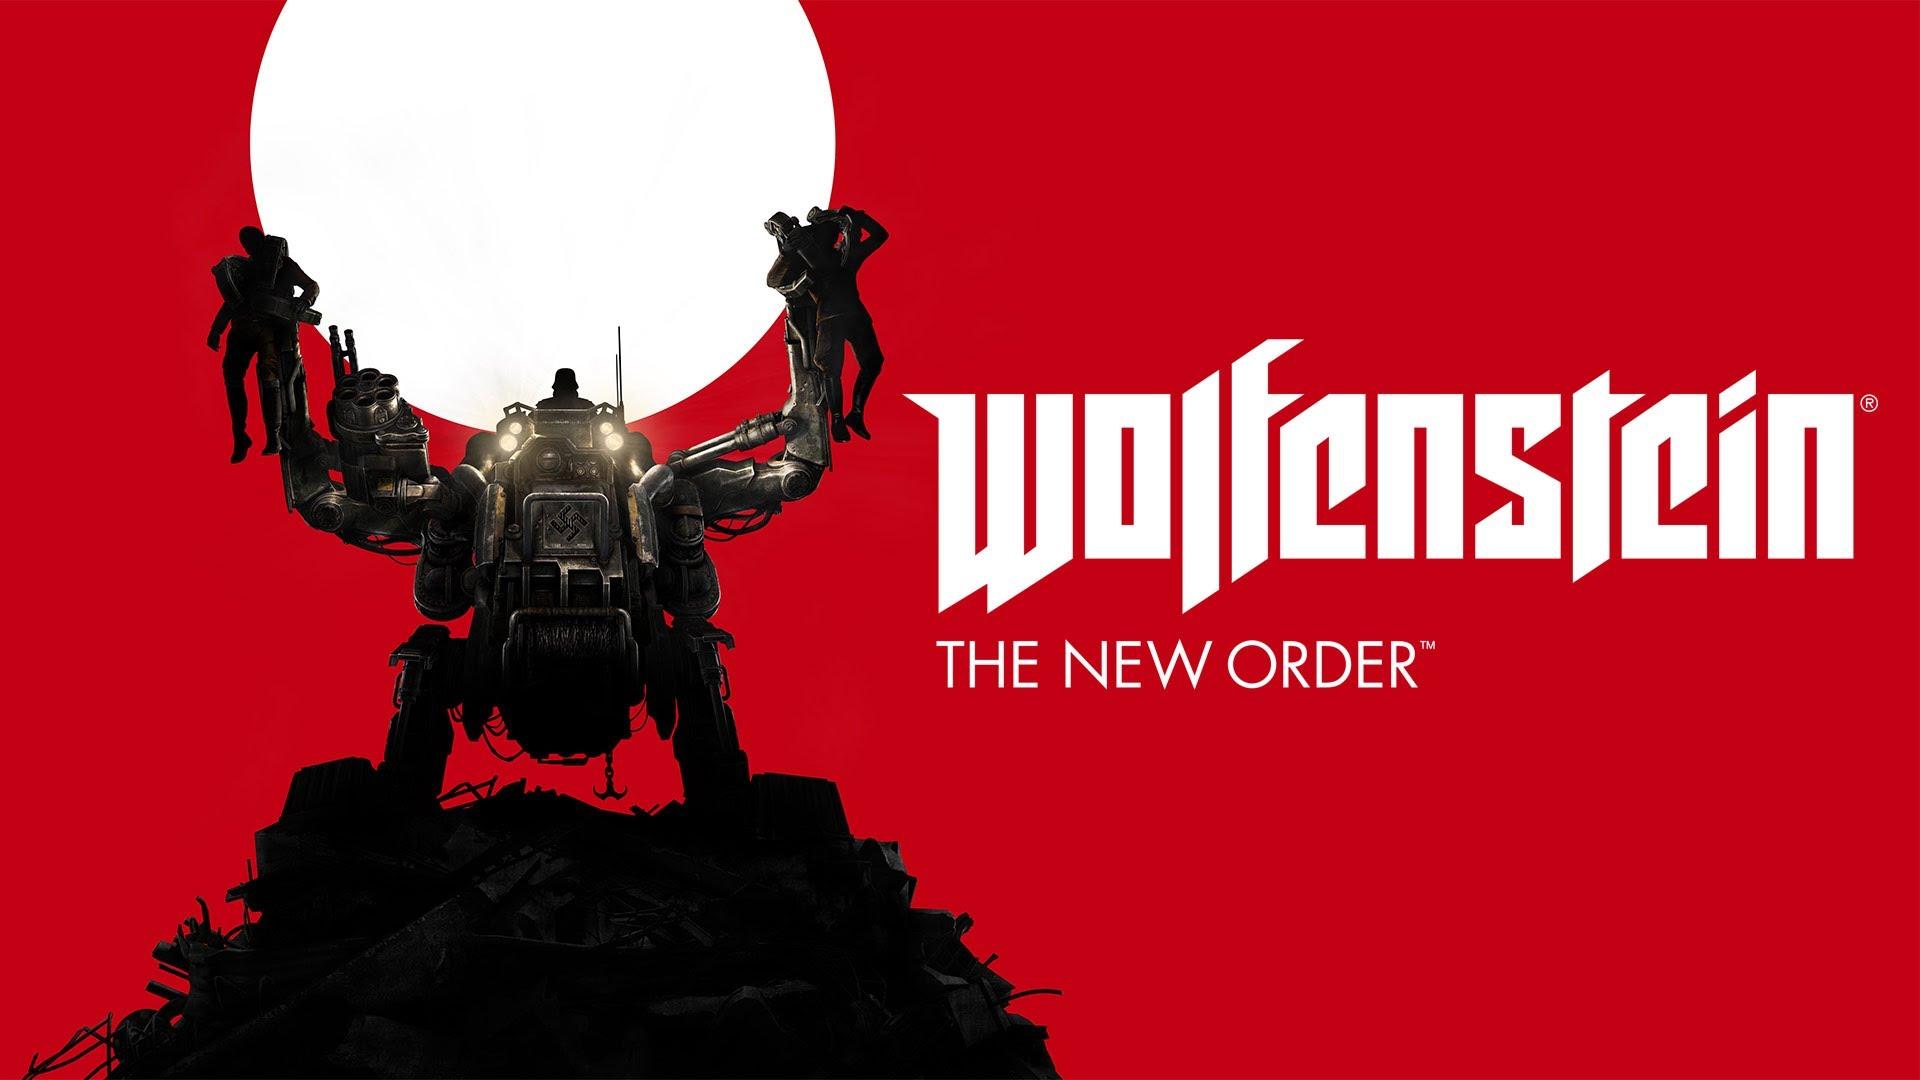 wolfenstein the new order wallpaper 31890